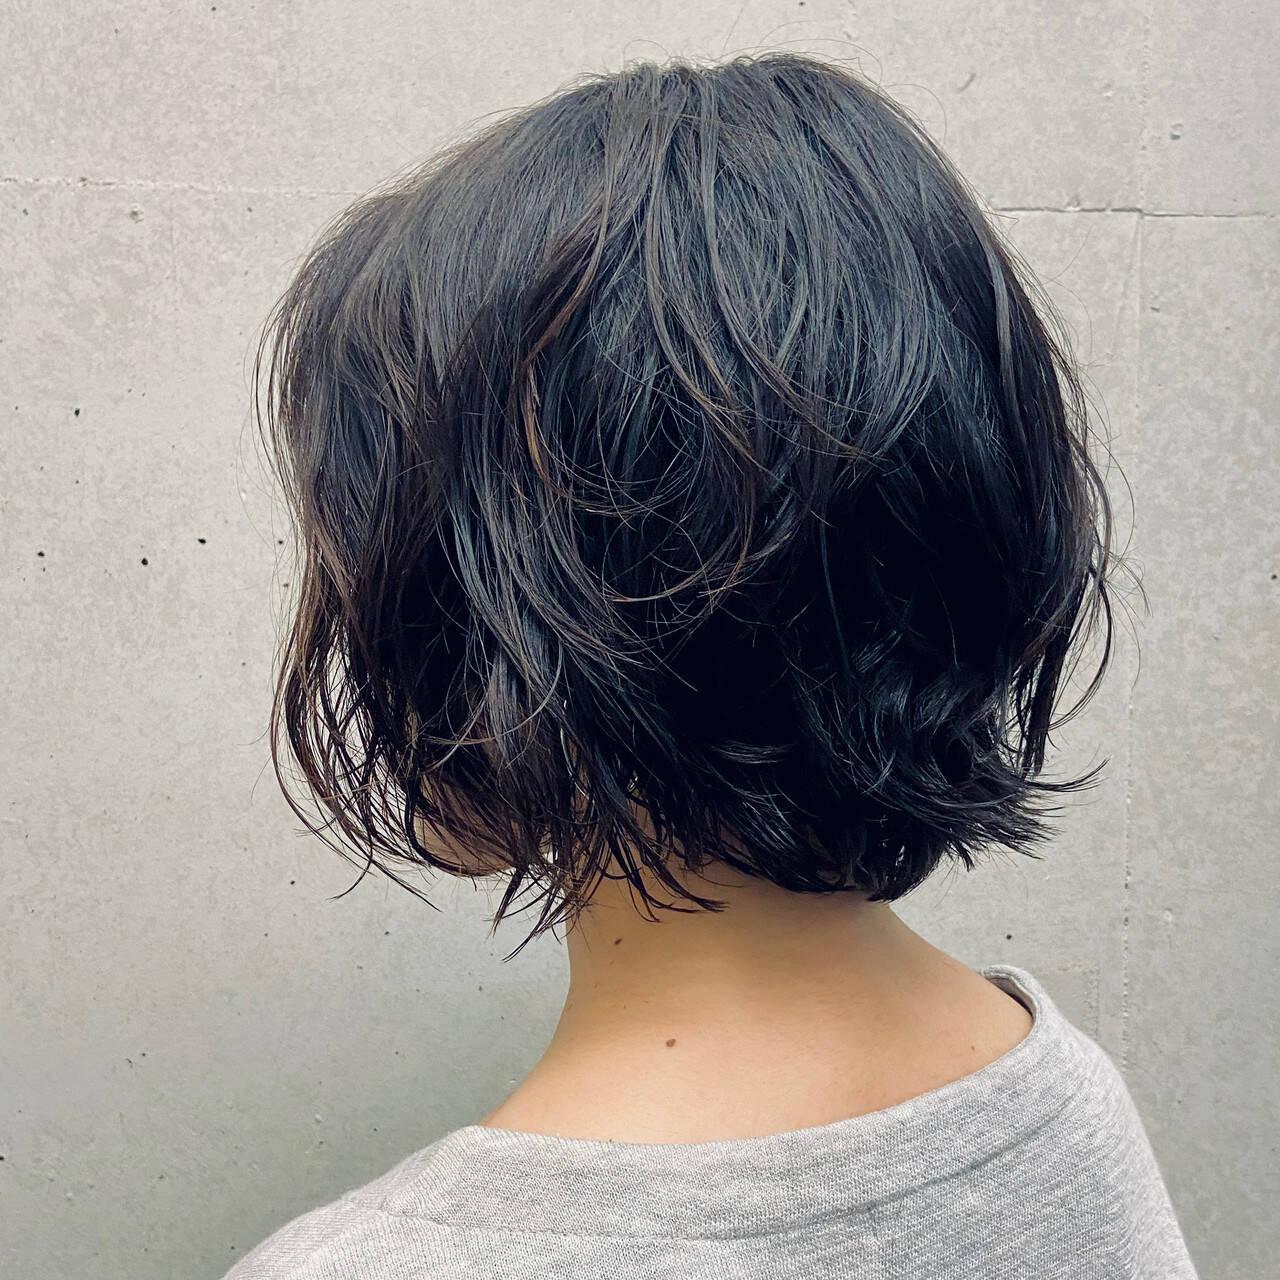 無造作パーマ 大人女子 パーマ 外ハネボブヘアスタイルや髪型の写真・画像